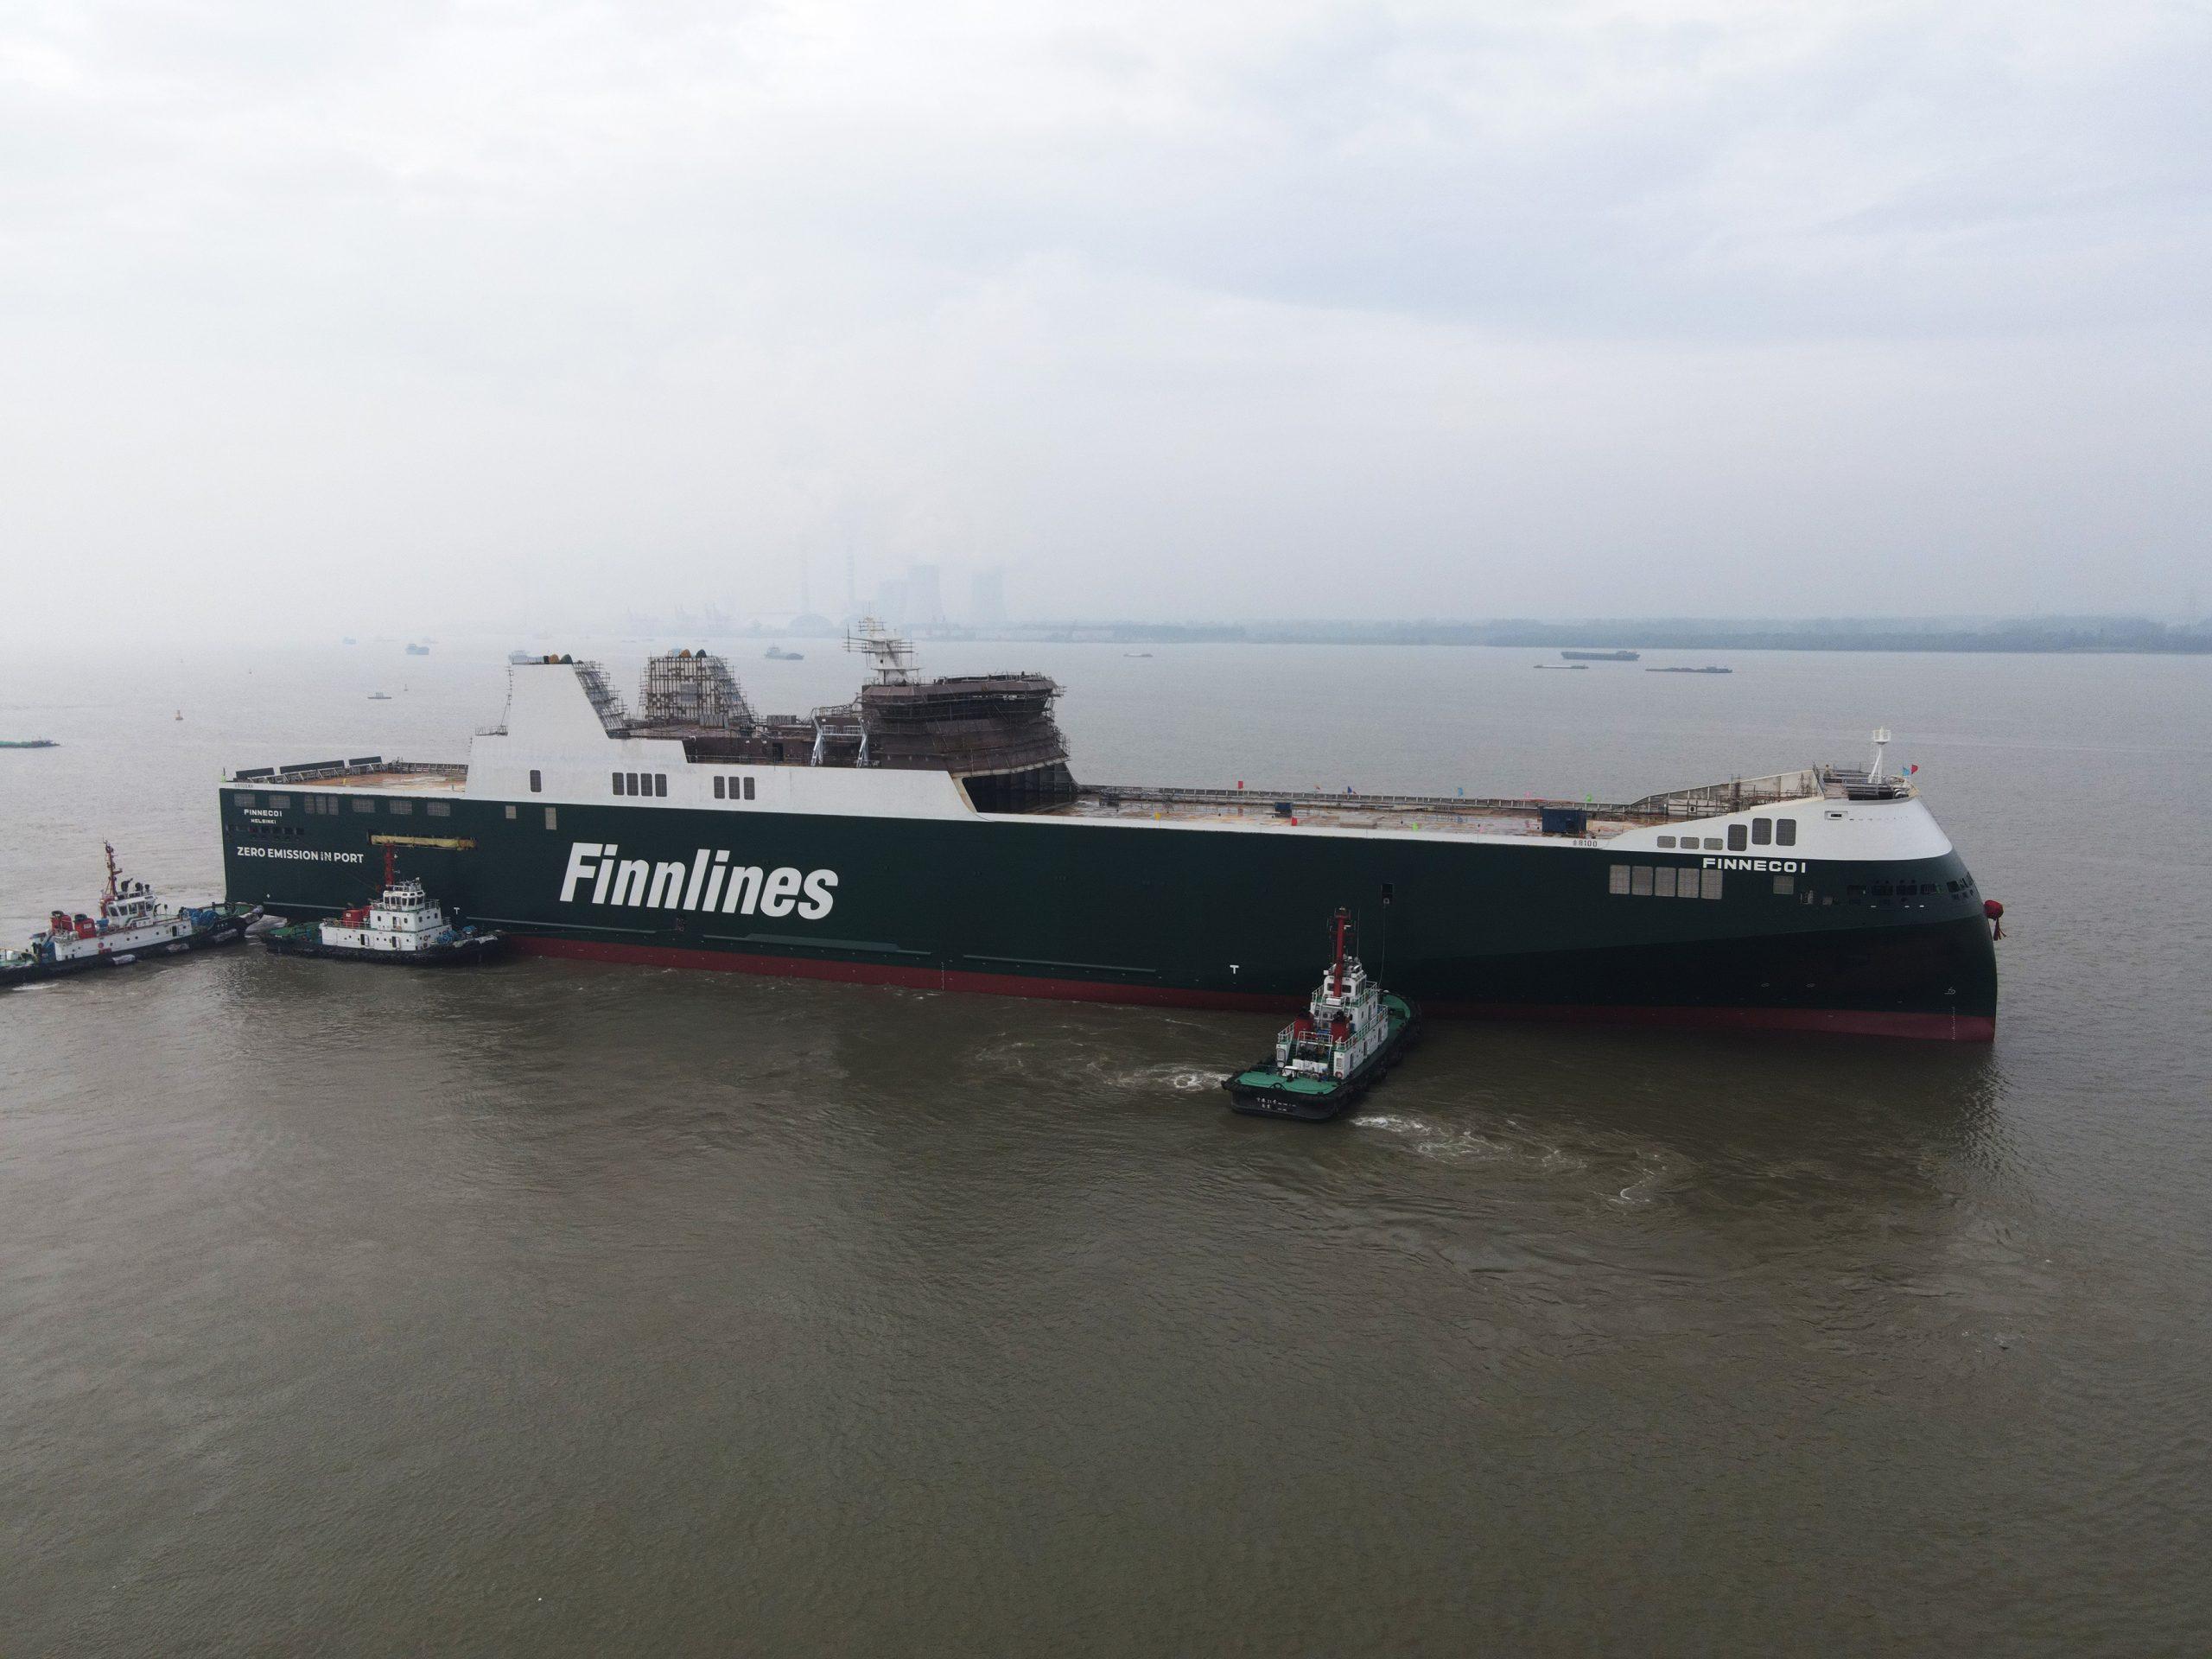 :KATSO VIDEO: Finnlinesin uusi huippuekologinen roro-alus laskettu vesille